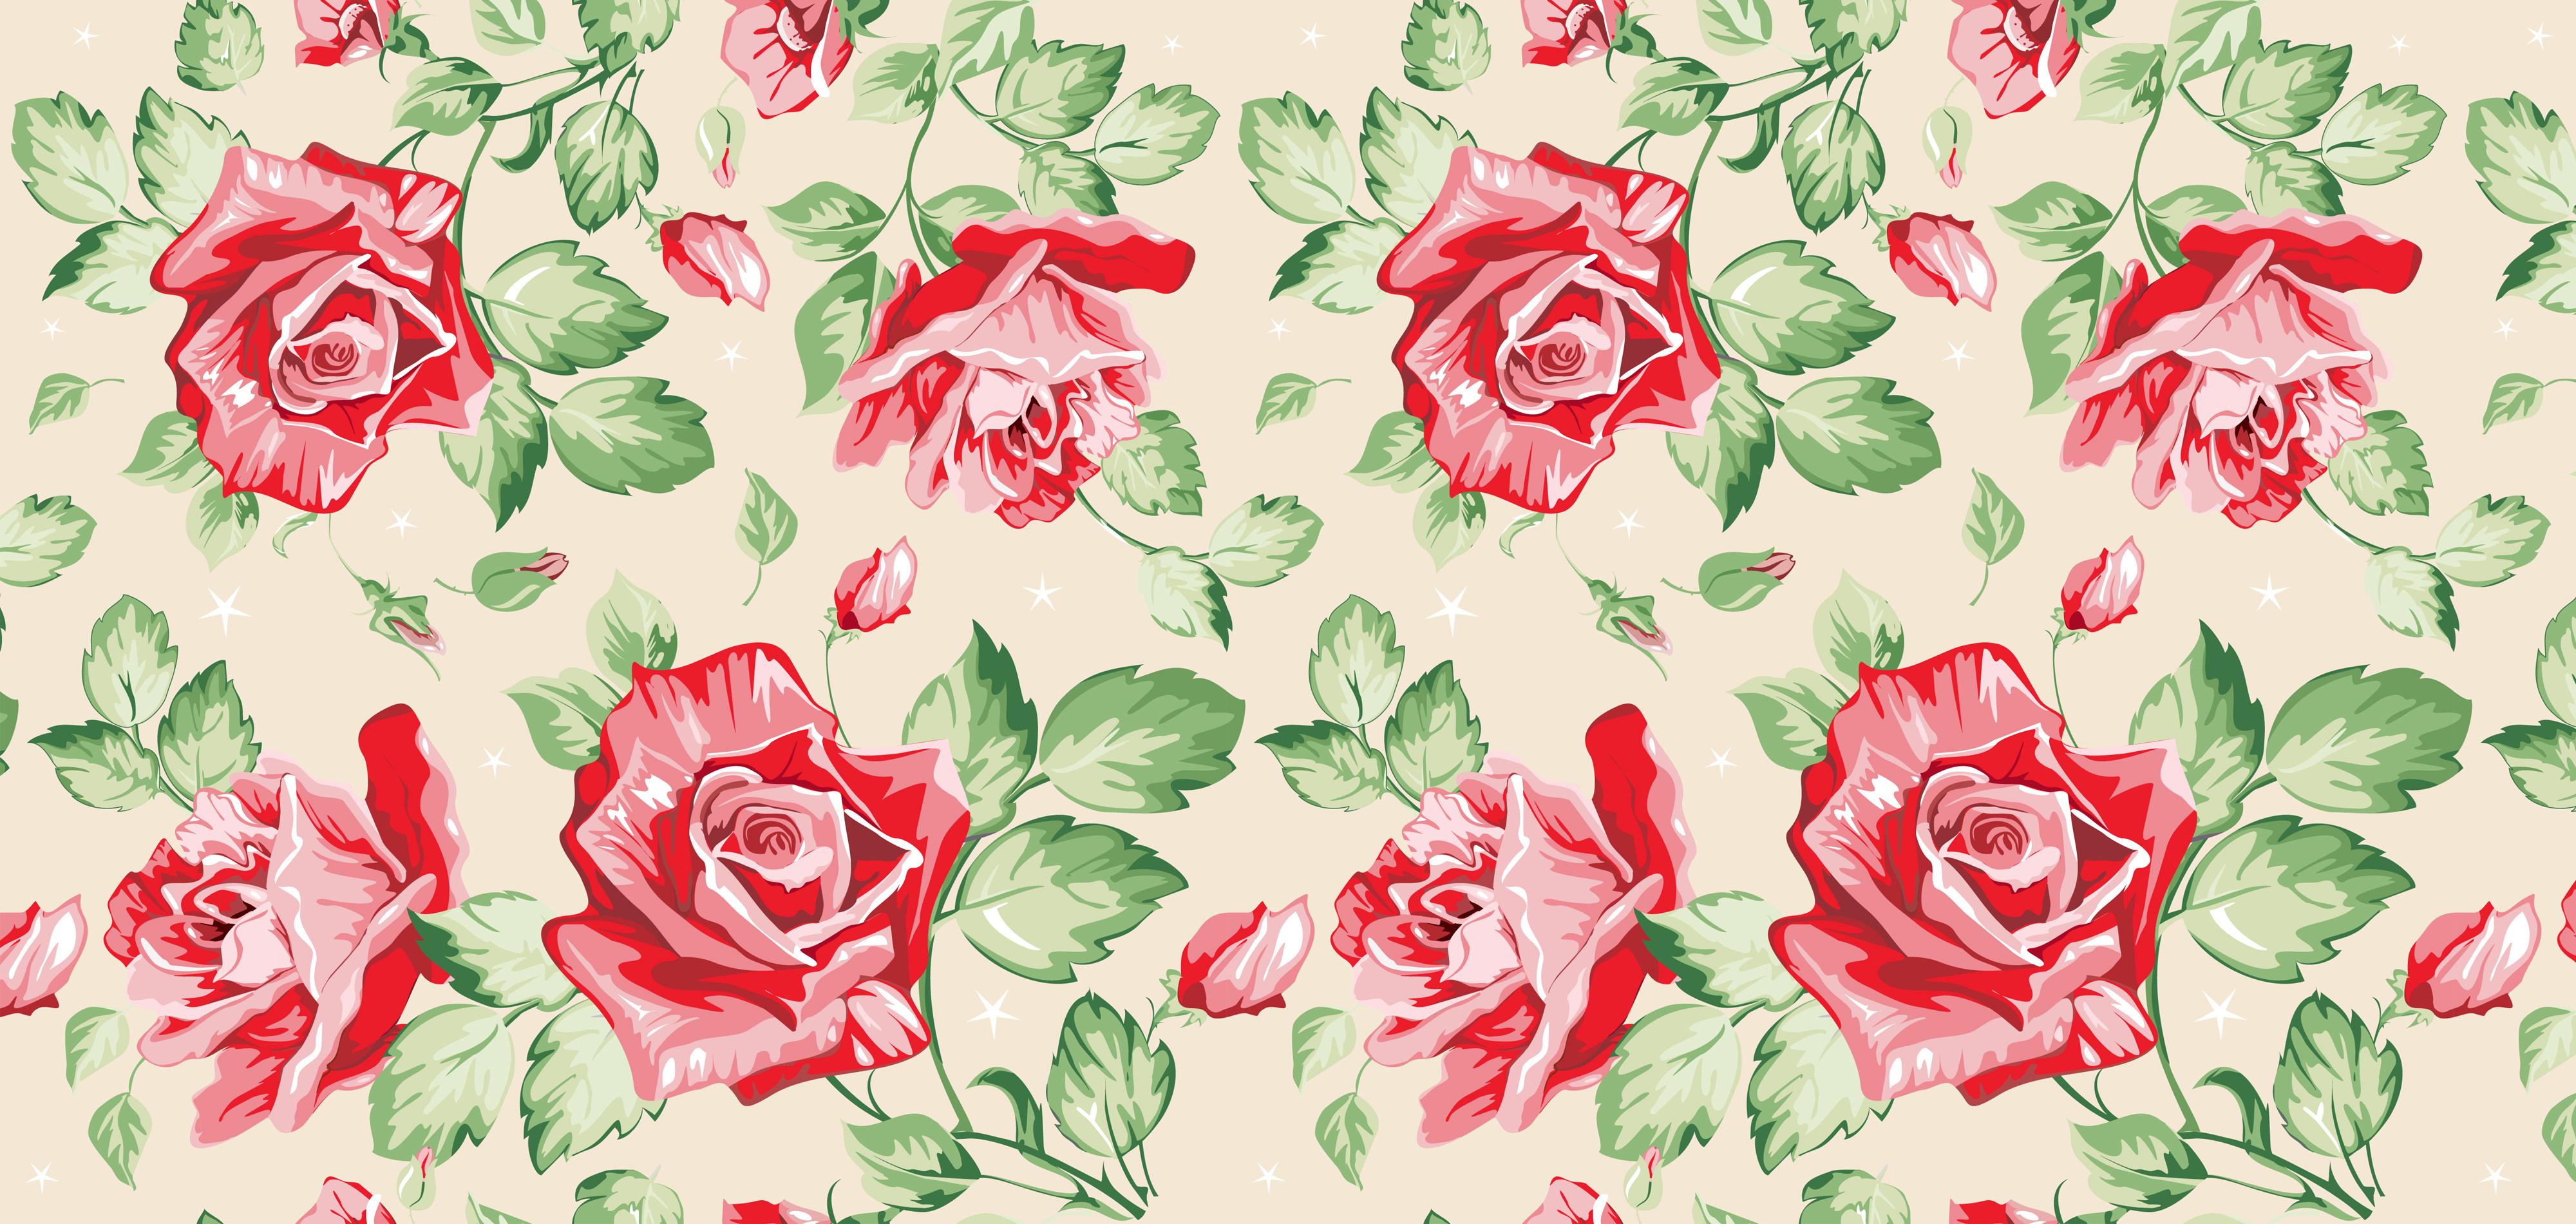 Flower Patterns 4000x1900